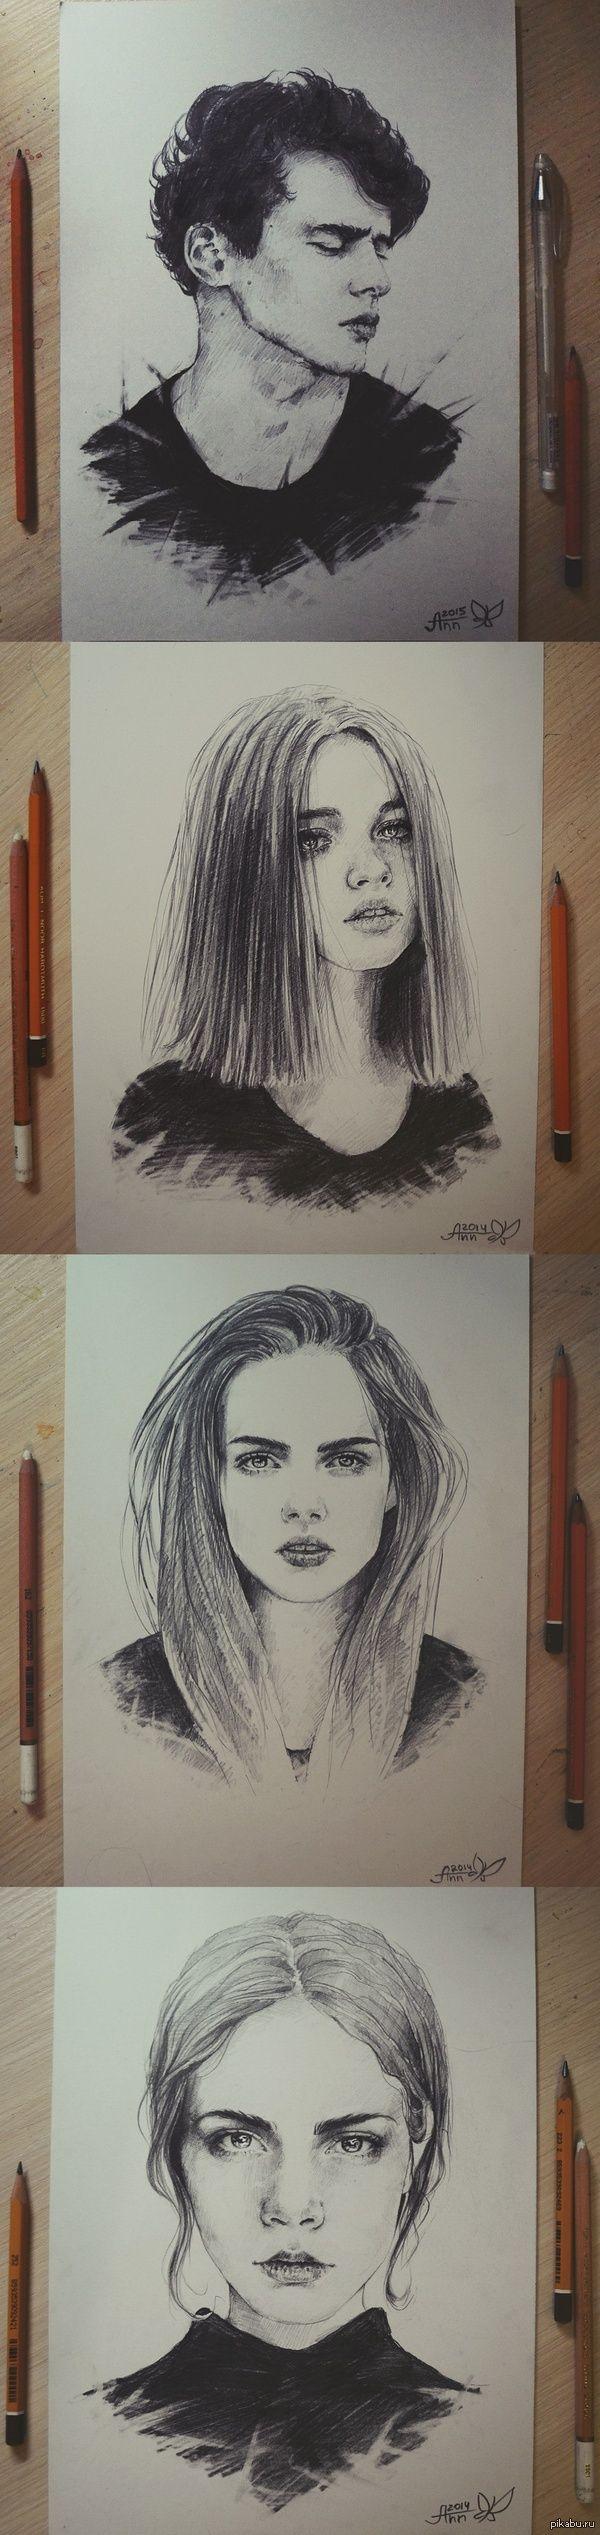 портреты давно я сюда ничего не выкладывала)  графика, арт, девушки, юноша, рисунок, карандаш, самоучка, черно-белое, длиннопост